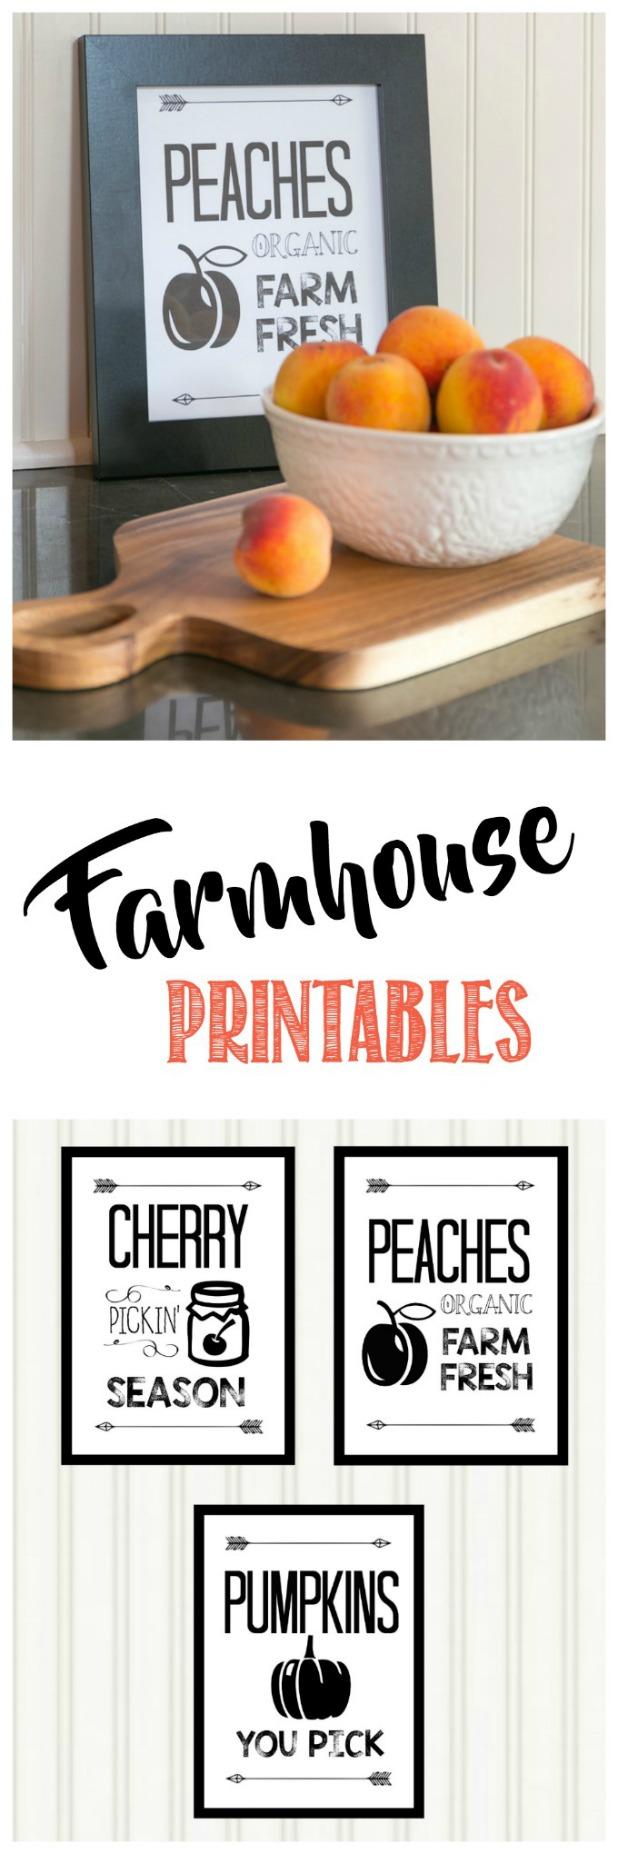 Farmhouse Printables, Farmhouse Style, Harvest, Pumpkin, Peach, Cherry